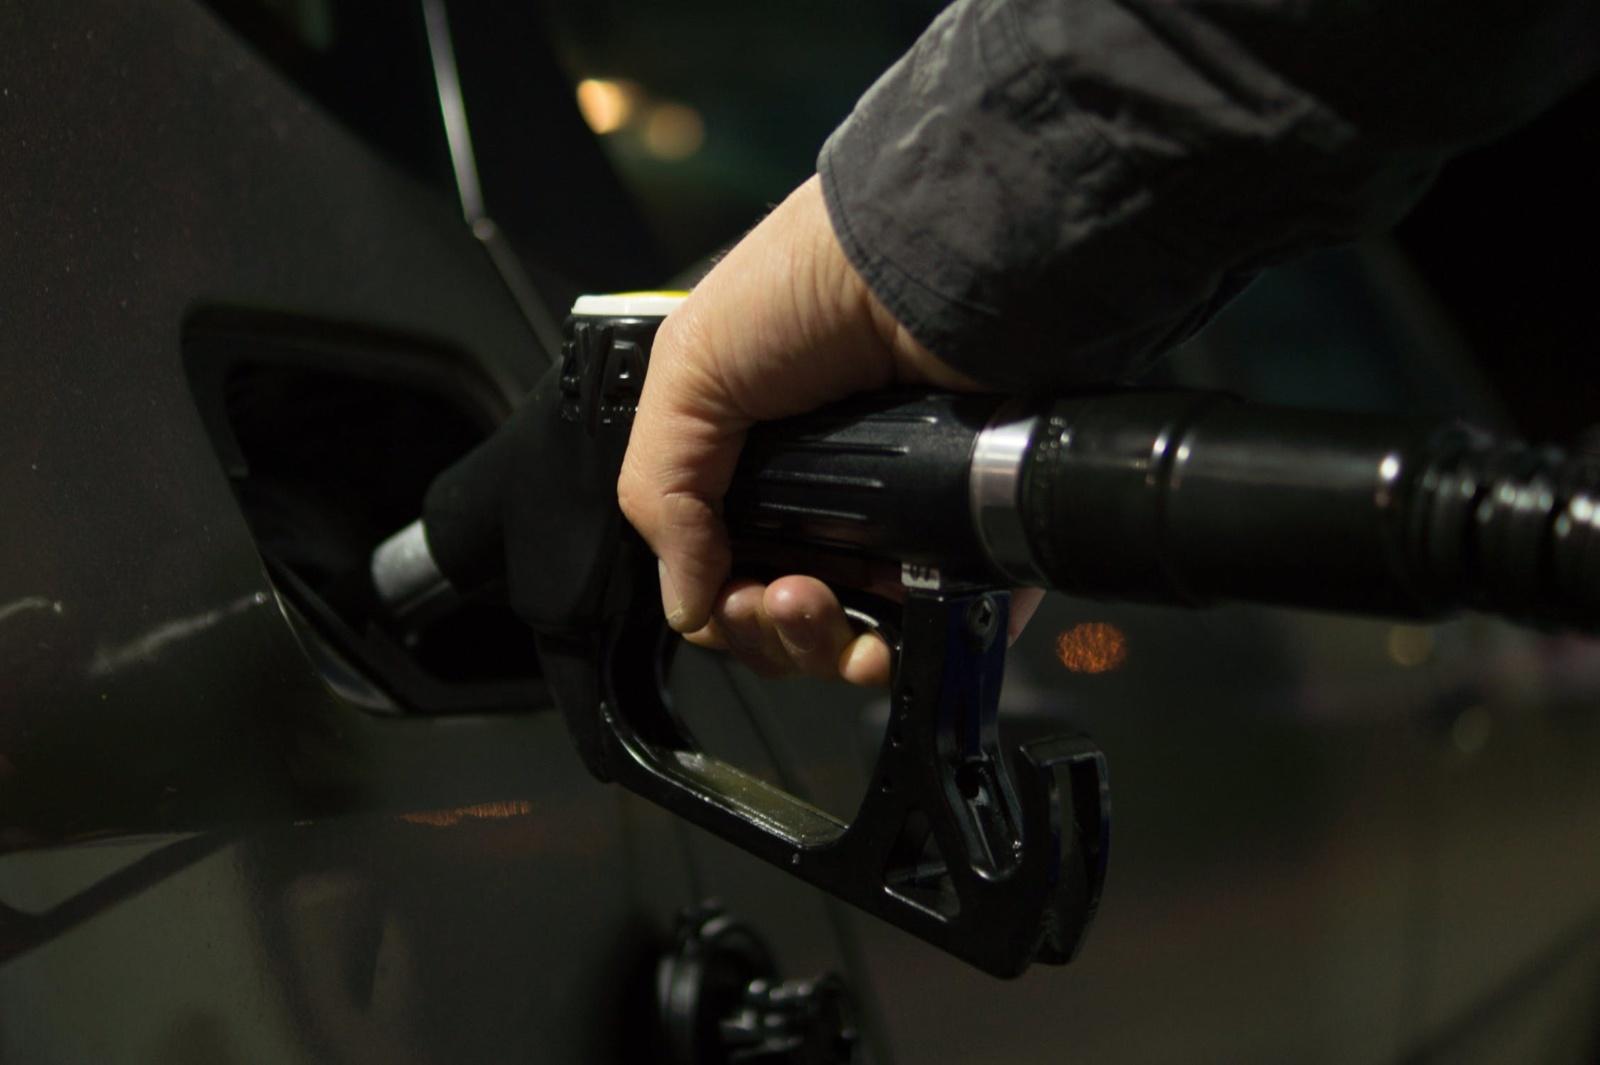 """Degalinių kainų tyrimas: liepą pigiausias benzinas ir dyzelinas išliko """"Jozitos"""" degalinėse, rekordinė benzino kaina – """"Circle K"""""""